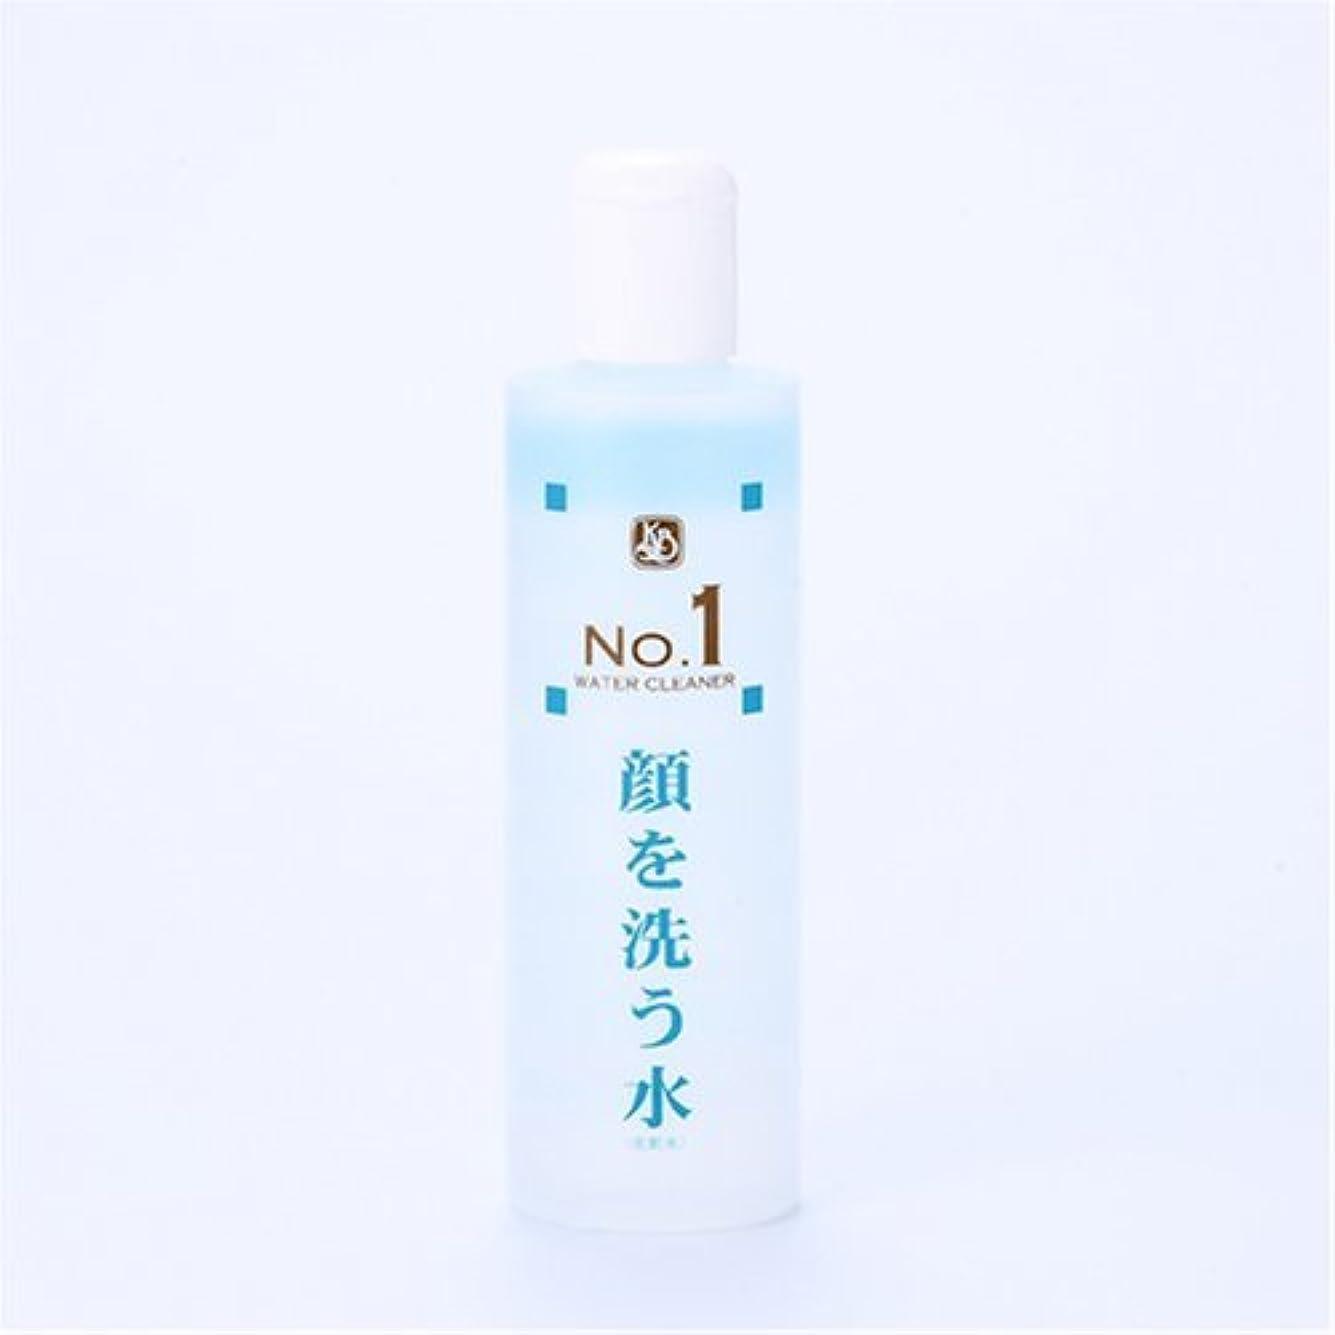 競合他社選手幹マウントバンク顔を洗う水シリーズ ウォータークリーナーNo1:250ml